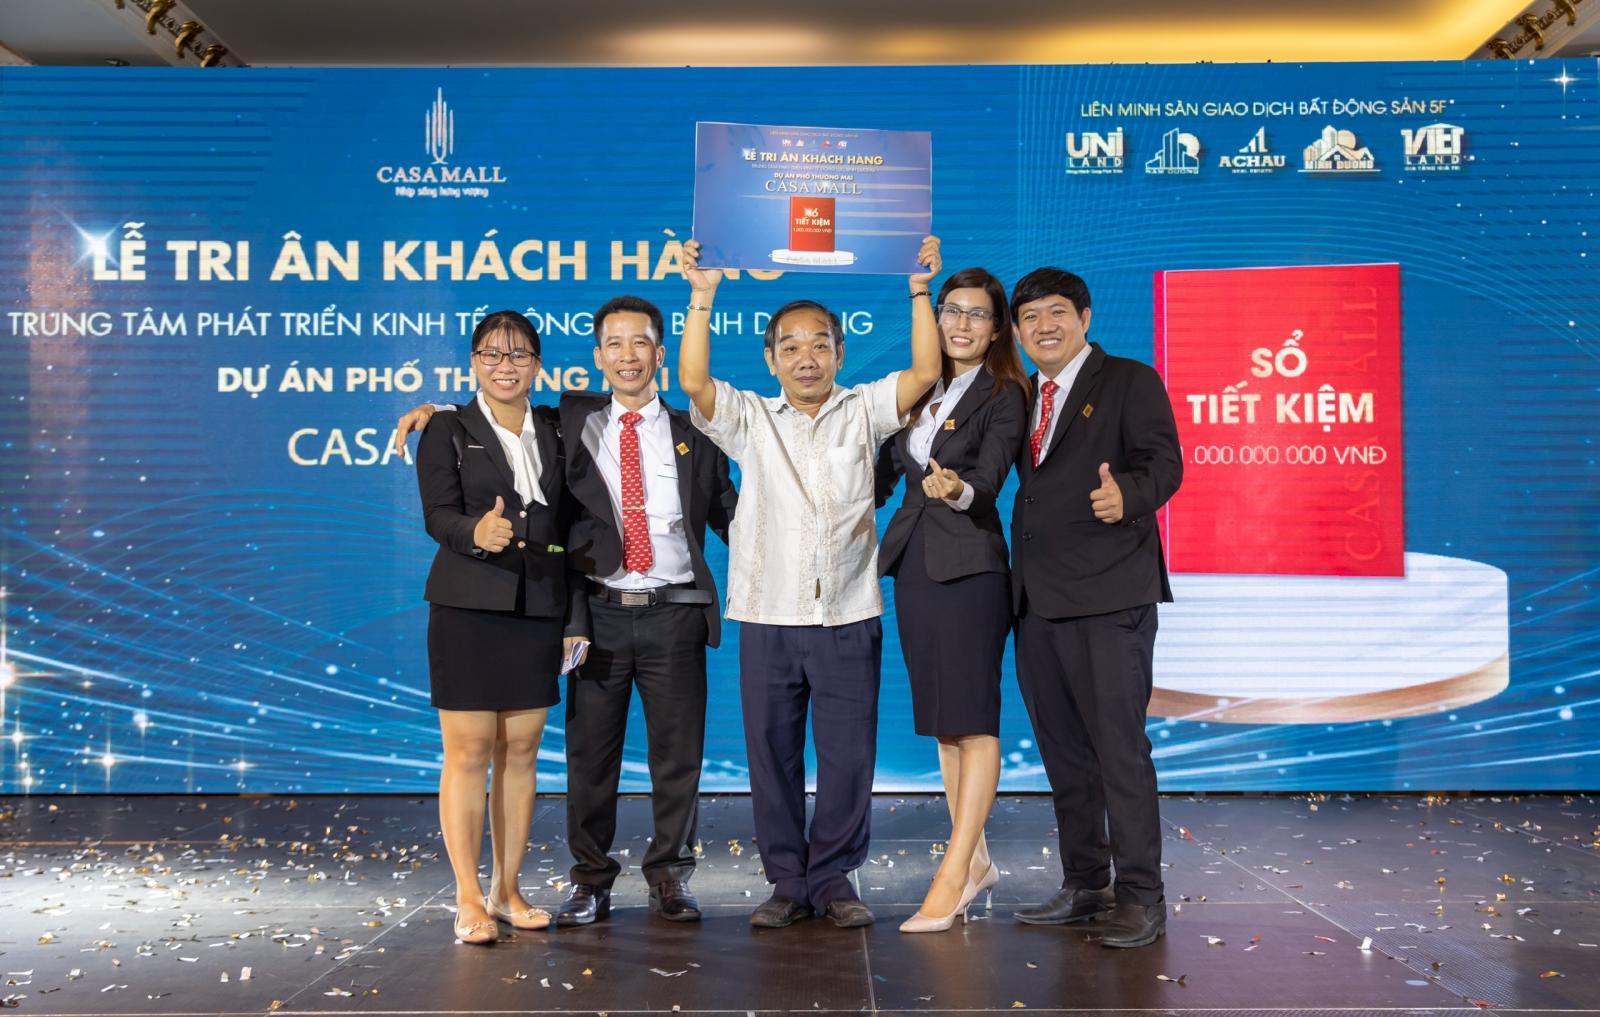 5 người đứng trên sân khấu nhận giải